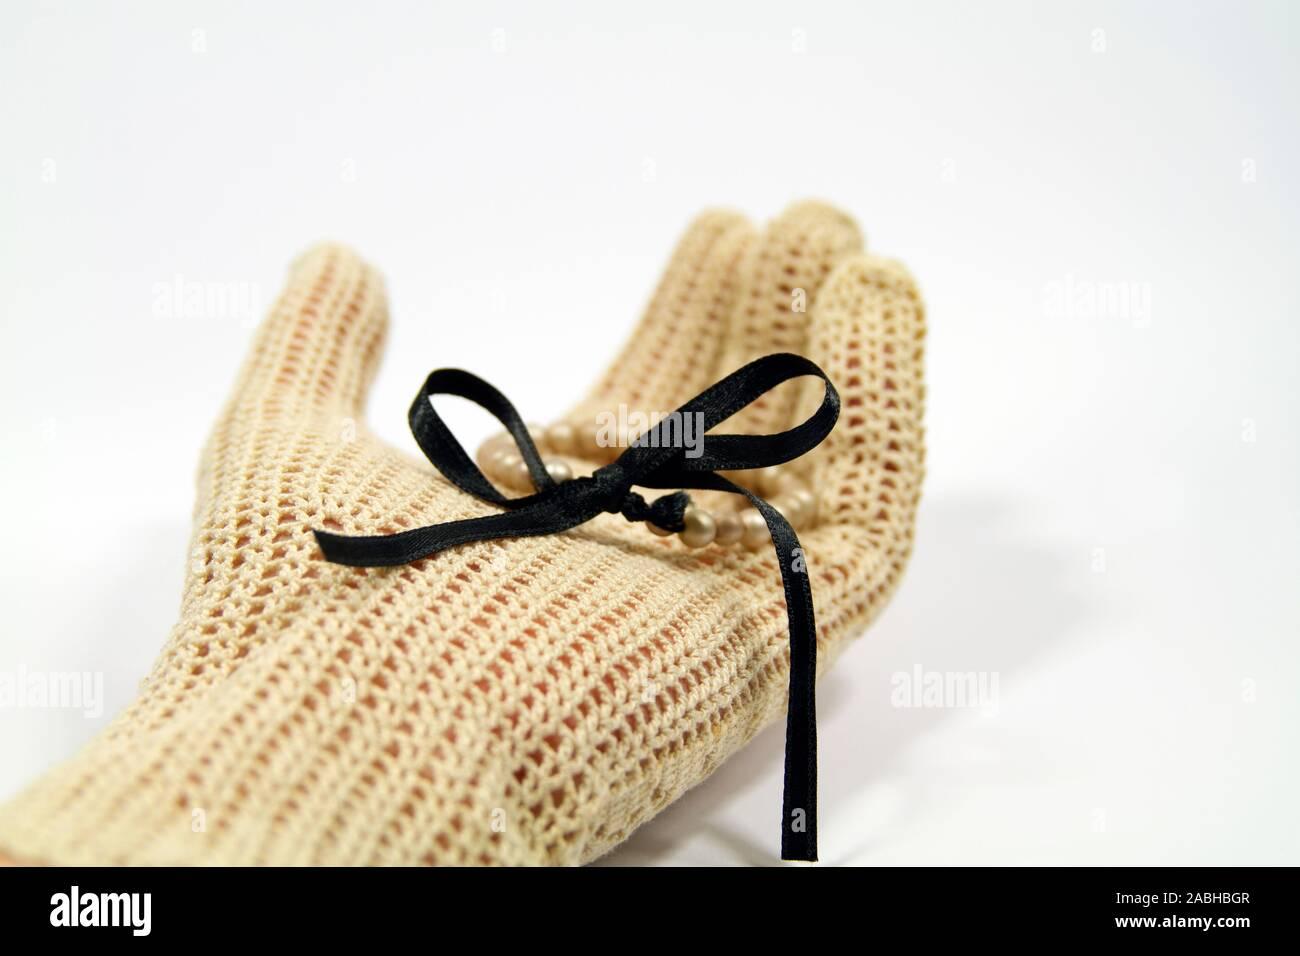 Hand mit Vintage gestricken Handschuh holding Perle Armband mit schwarzem Satinband Stockfoto